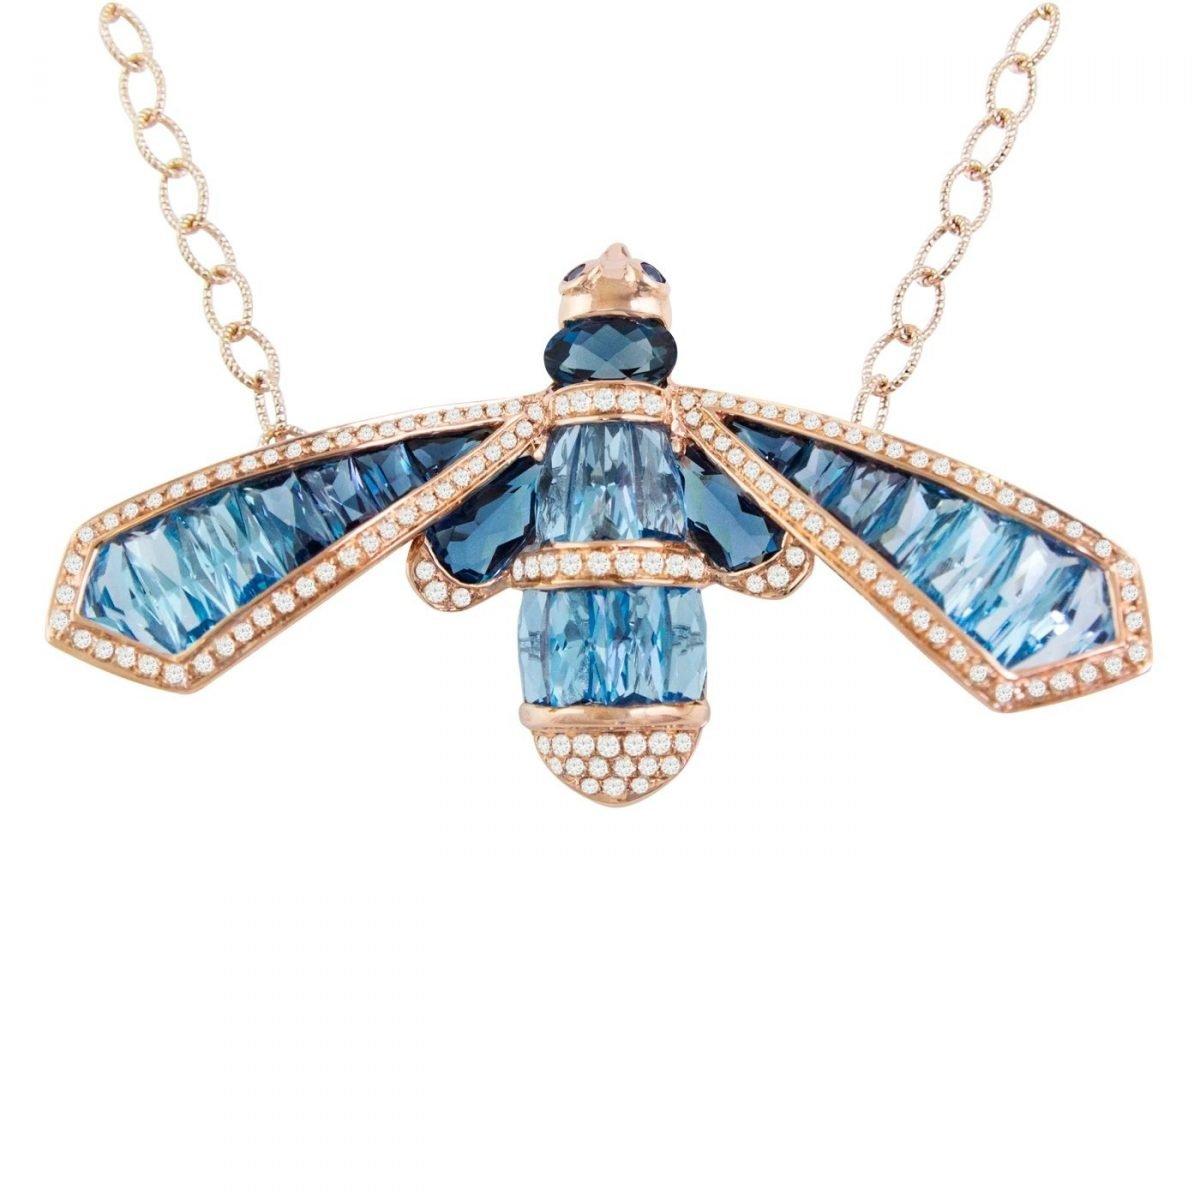 Queen Bee – Necklace